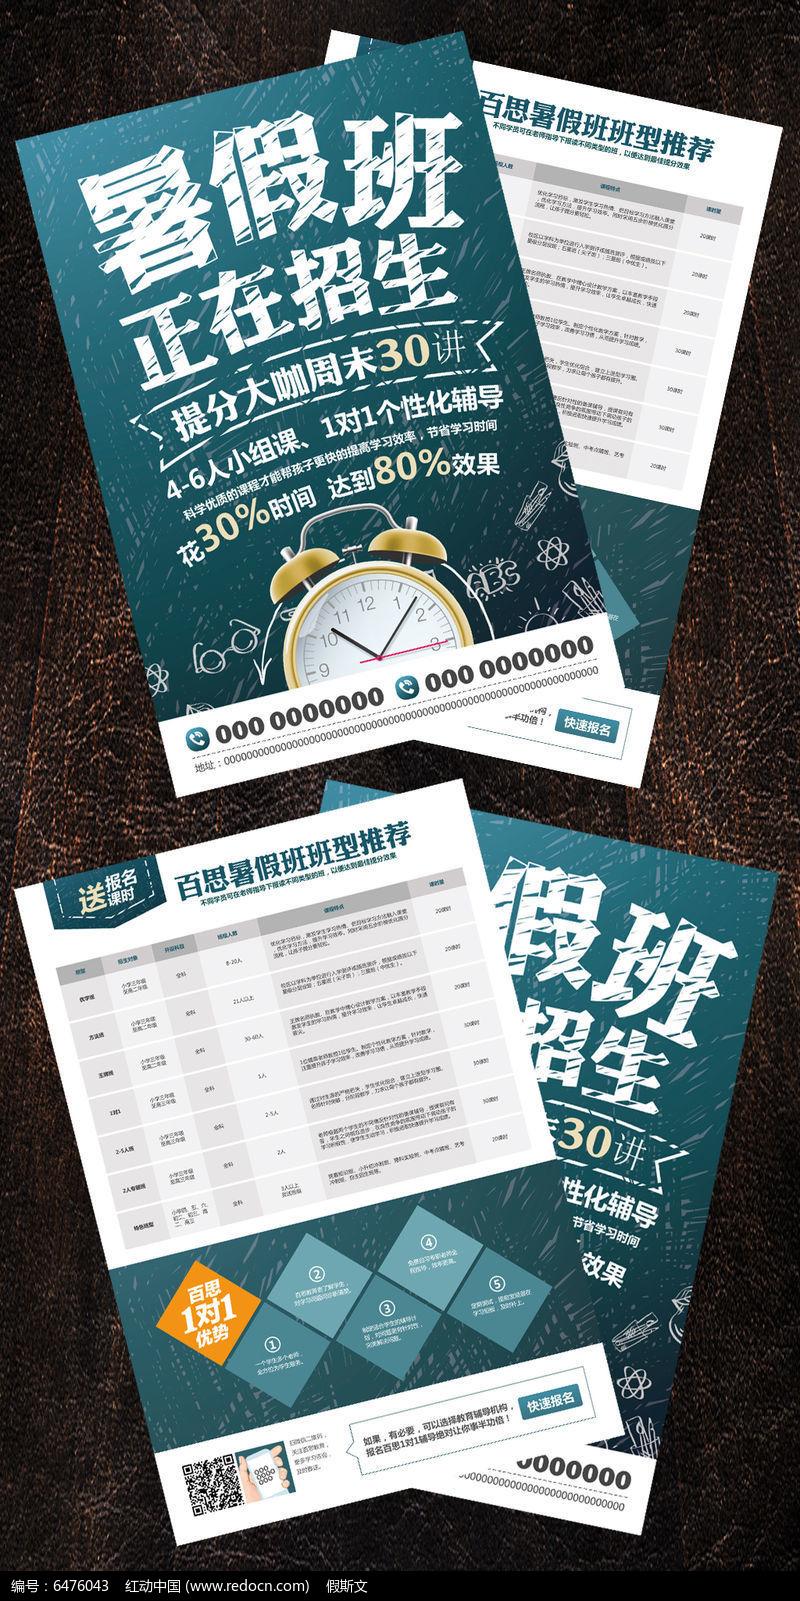 原创设计稿 海报设计/宣传单/广告牌 宣传单 彩页 dm单 黑板报风格